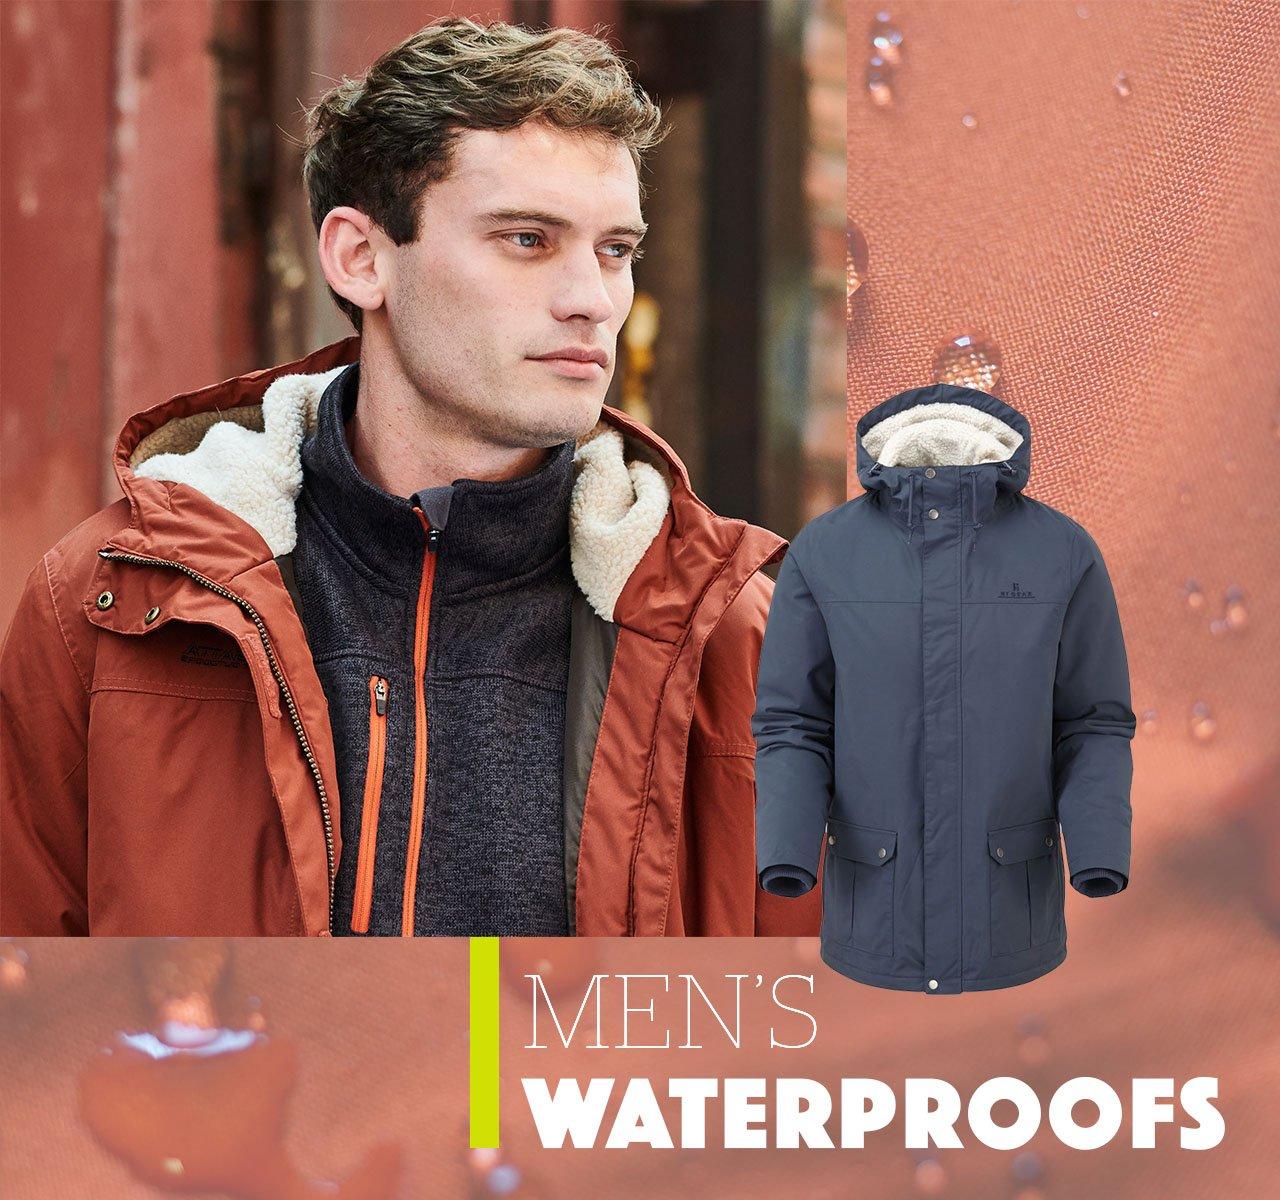 Men's waterproof